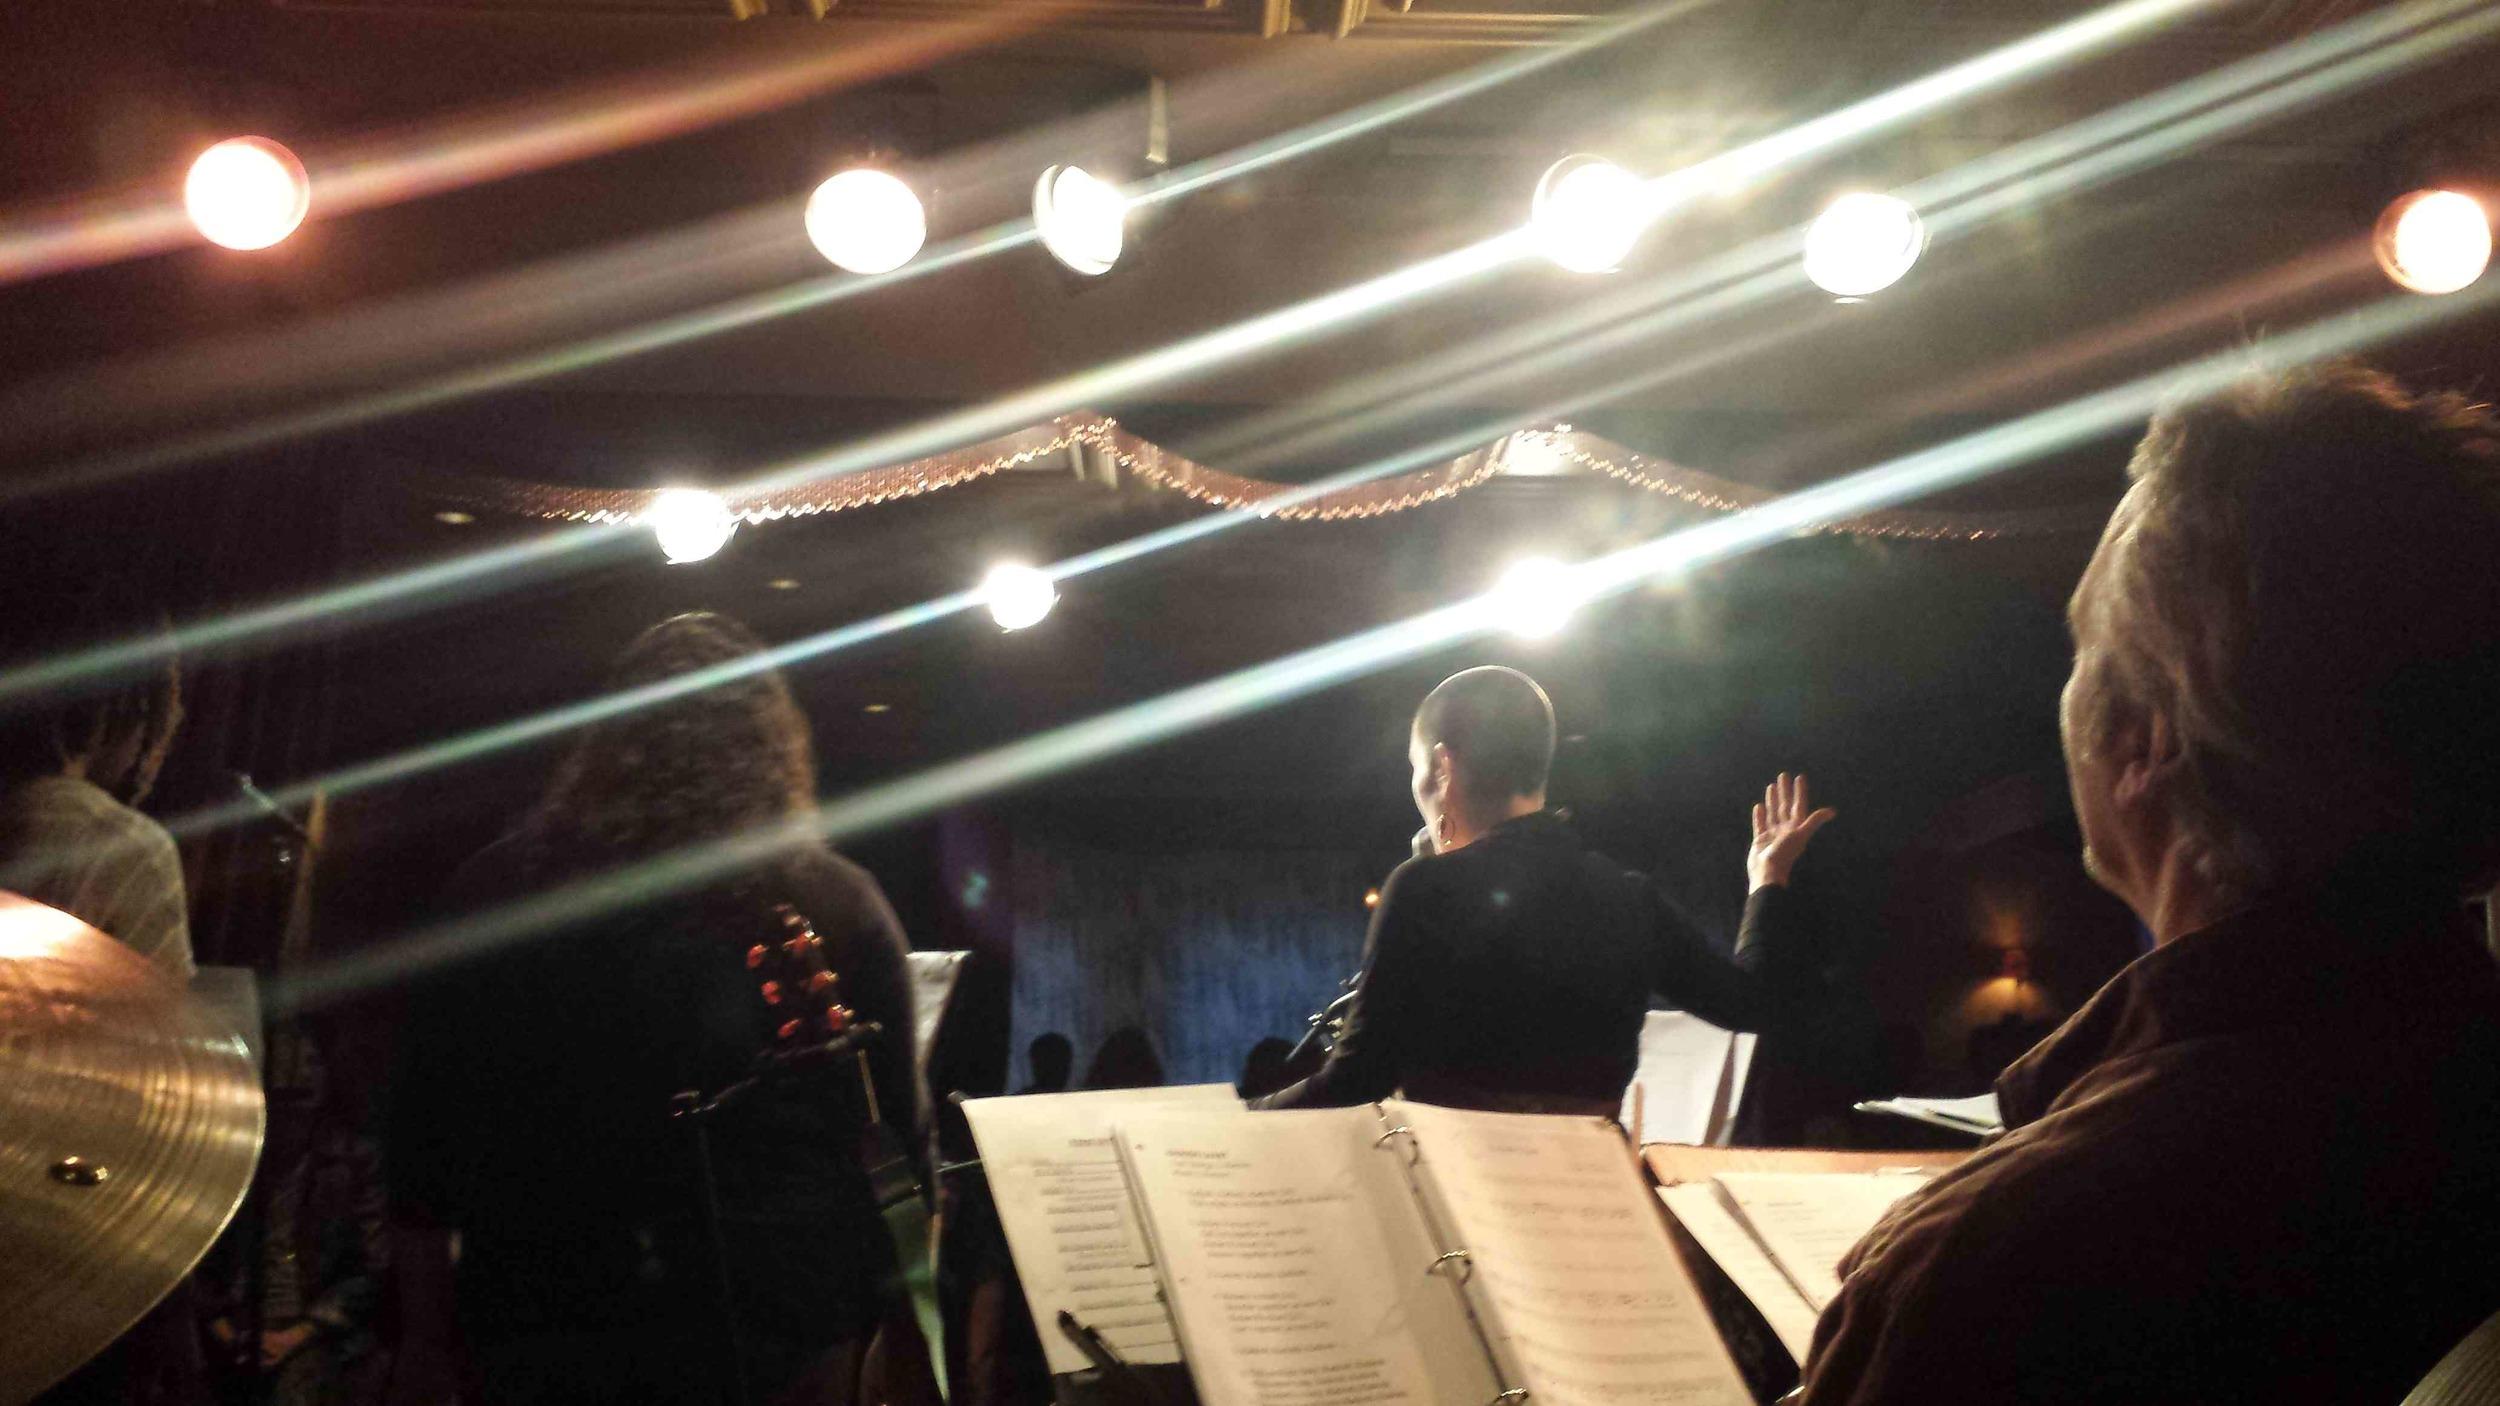 Web L'Etage concert May.14 drummer's persp.jpg